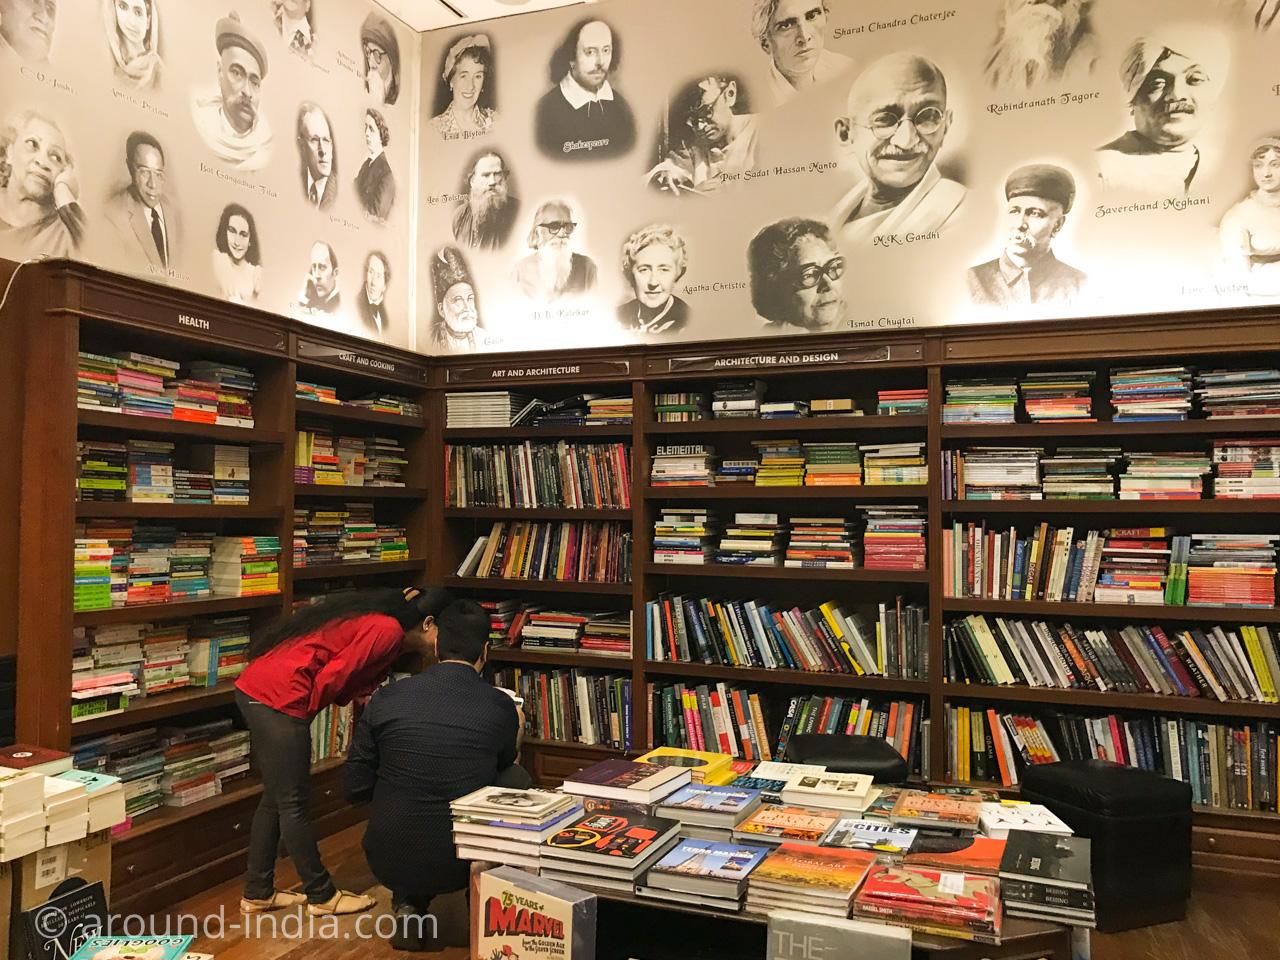 ムンバイの本屋Kitab Khana 偉人たちの壁